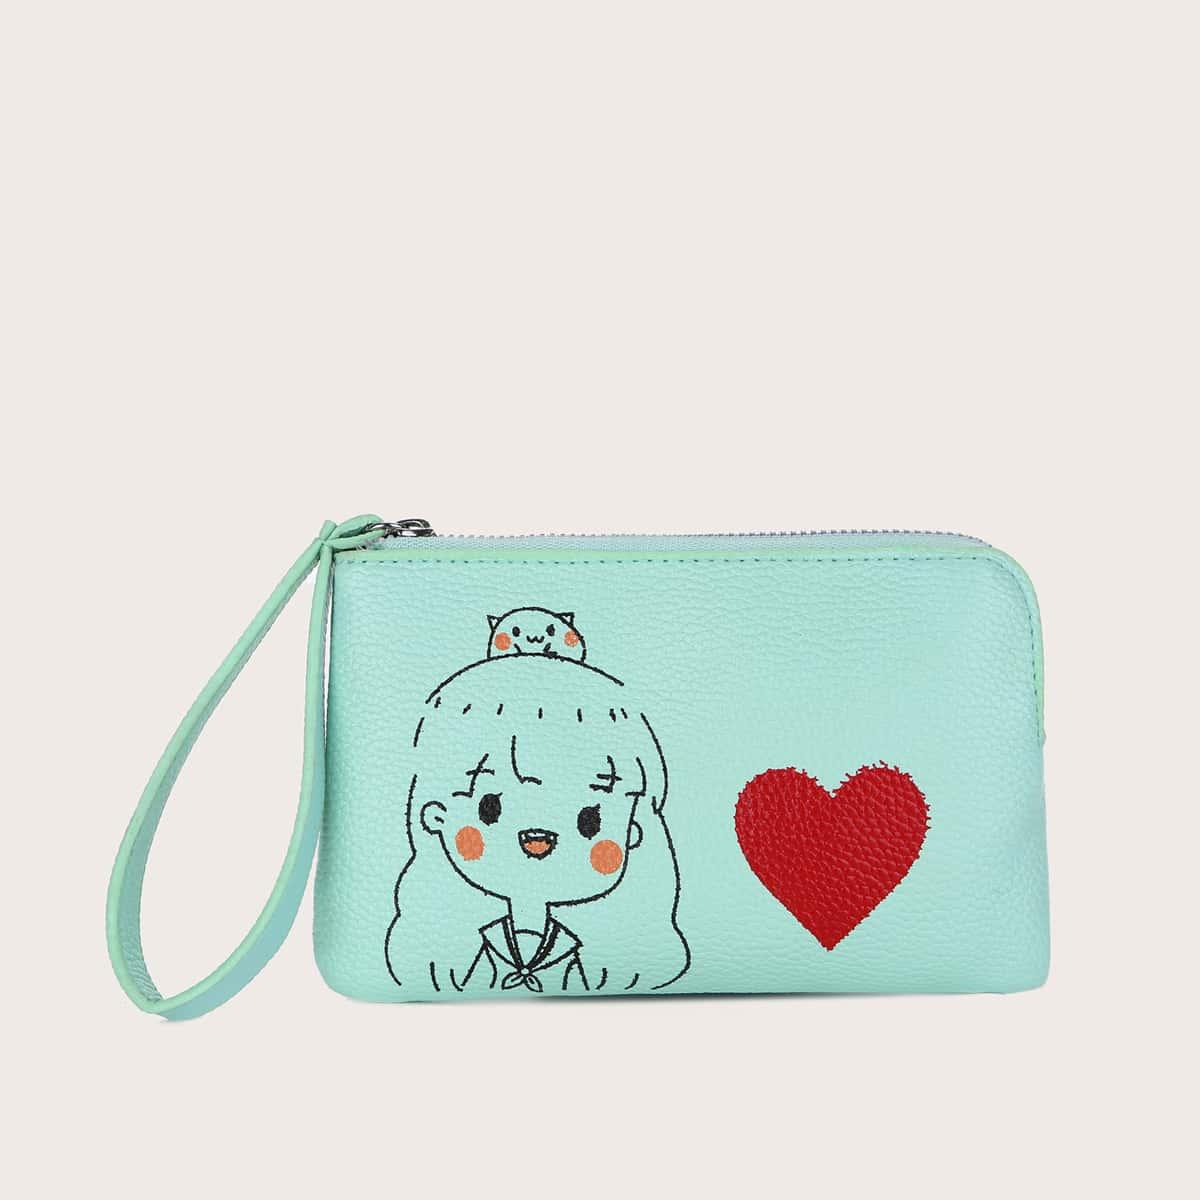 SHEIN Hart & figuur grafische portemonnee met polsbandje